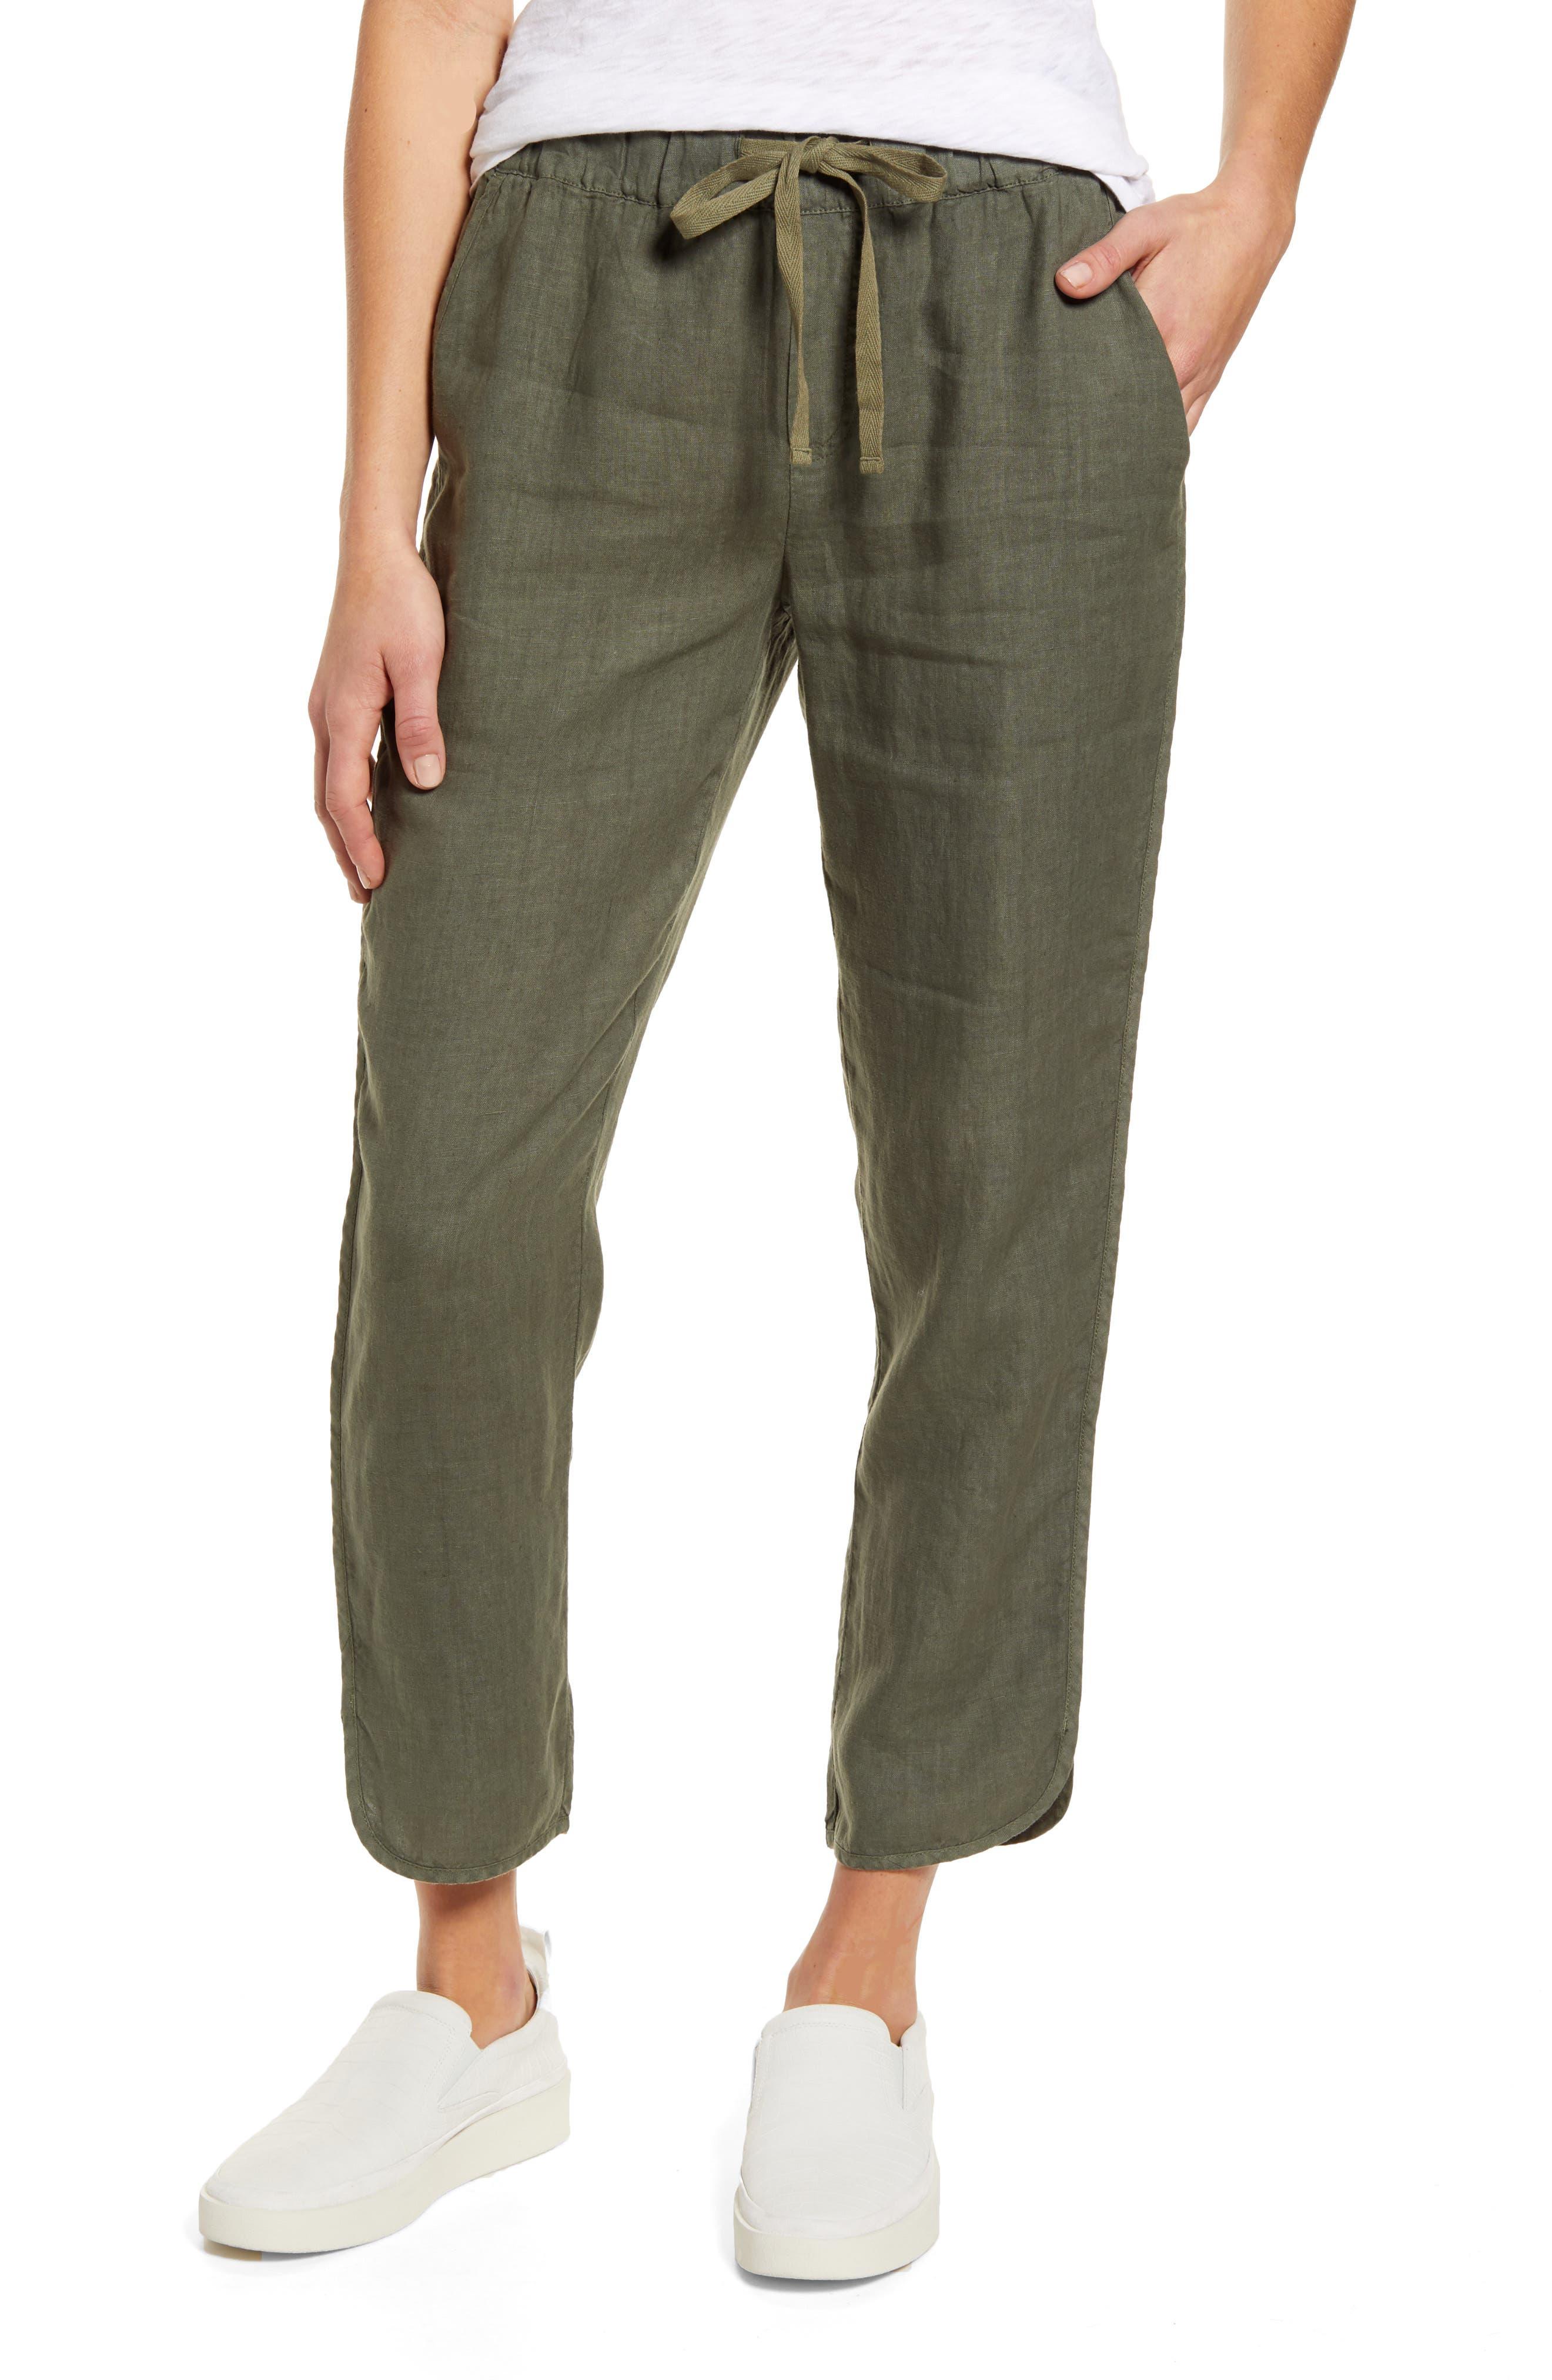 Petite Women's Caslon Track Style Linen Pants